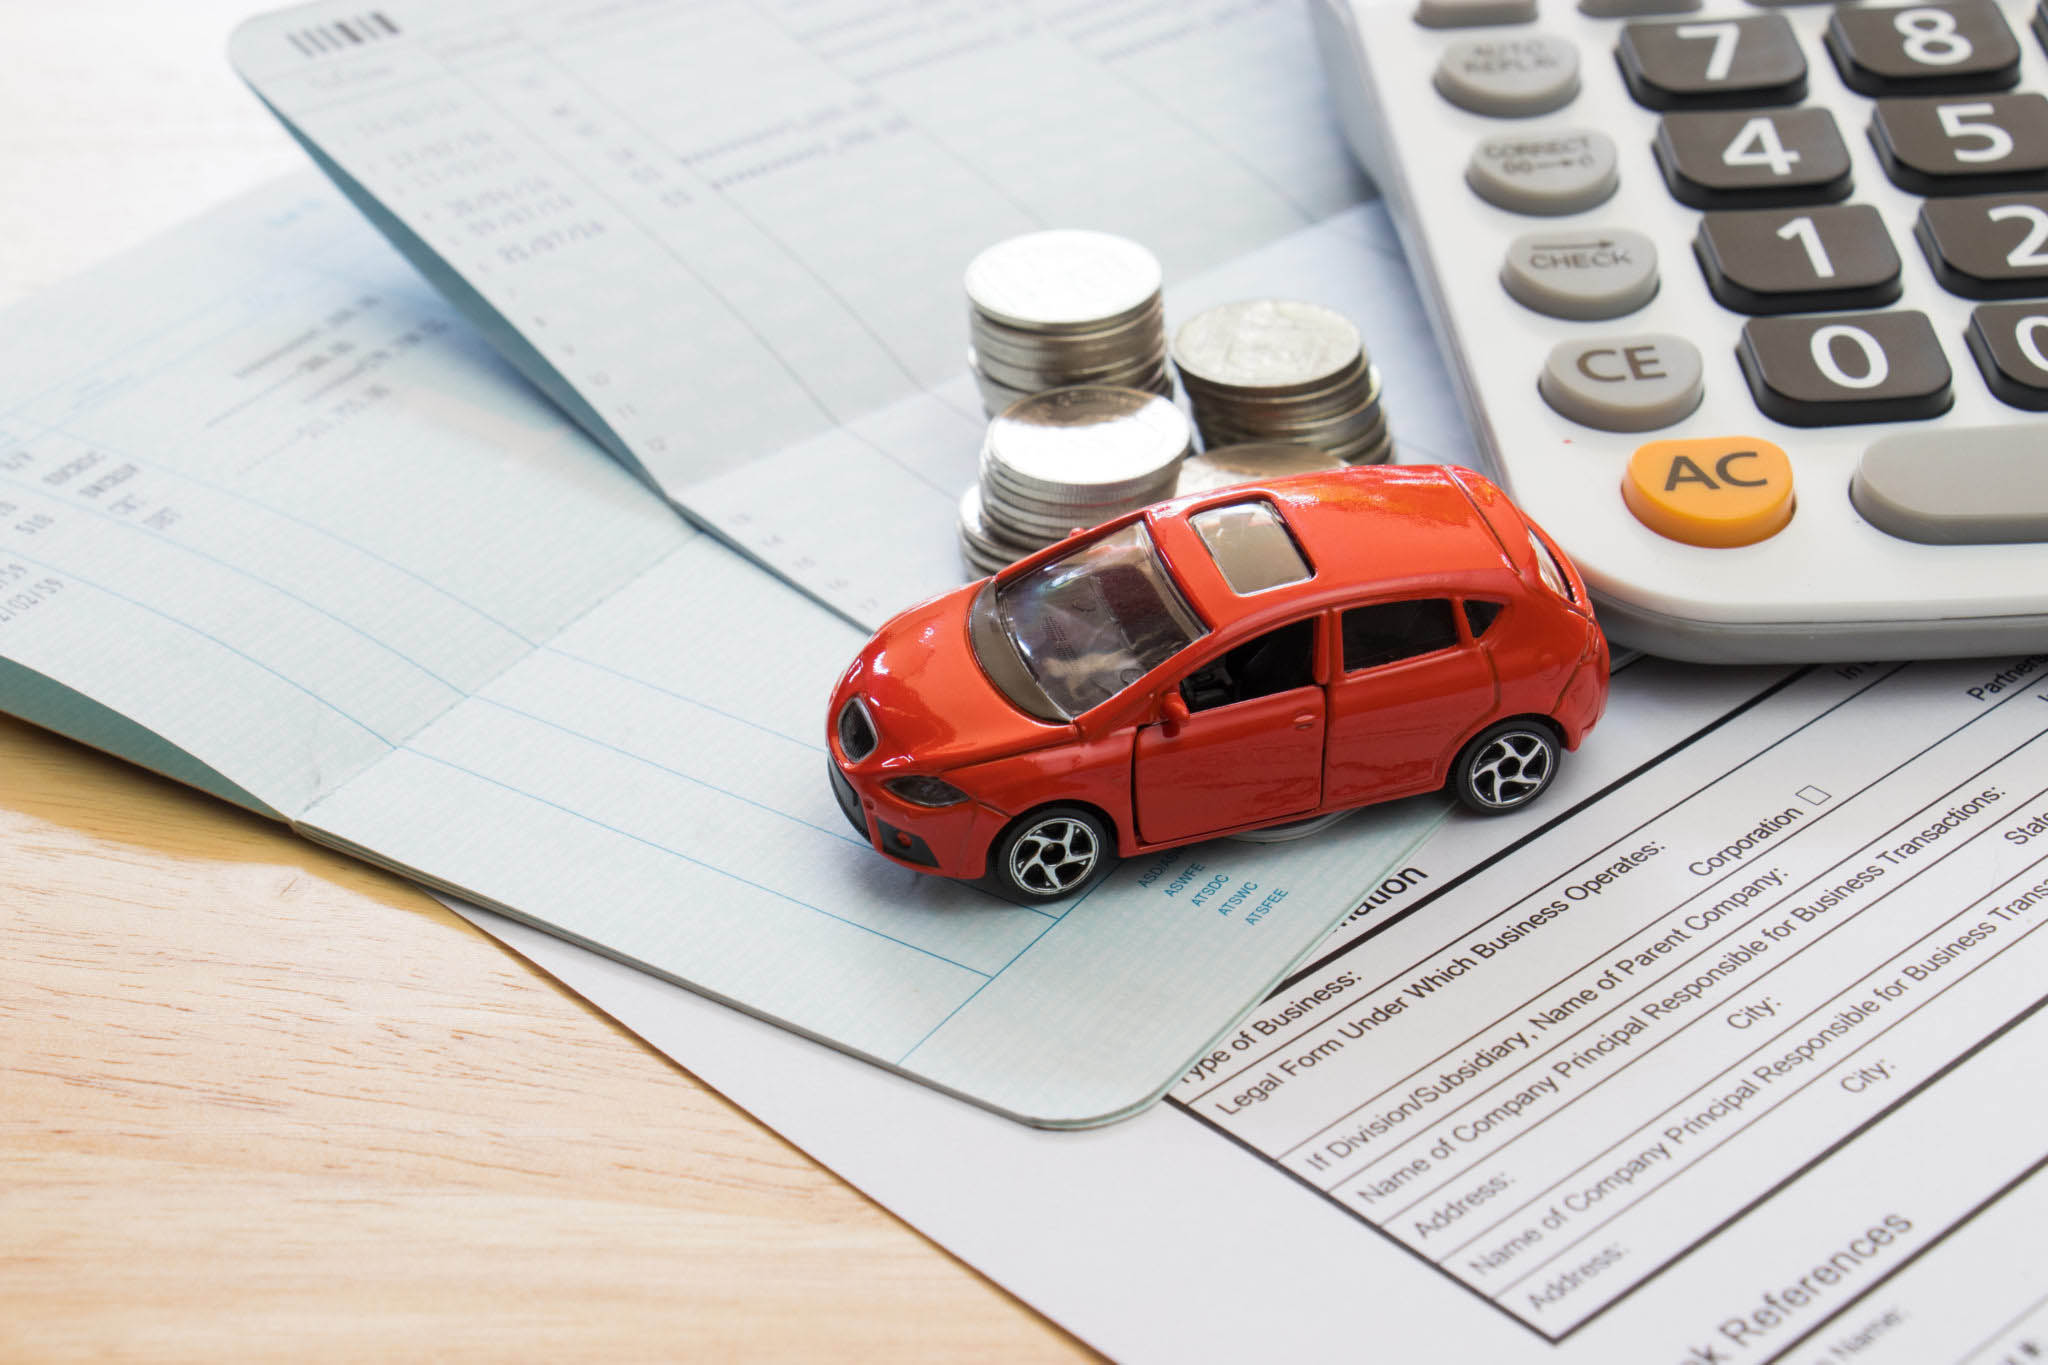 Налоговые ставки на грузовой транспорт 2014 спортивные ставки купить